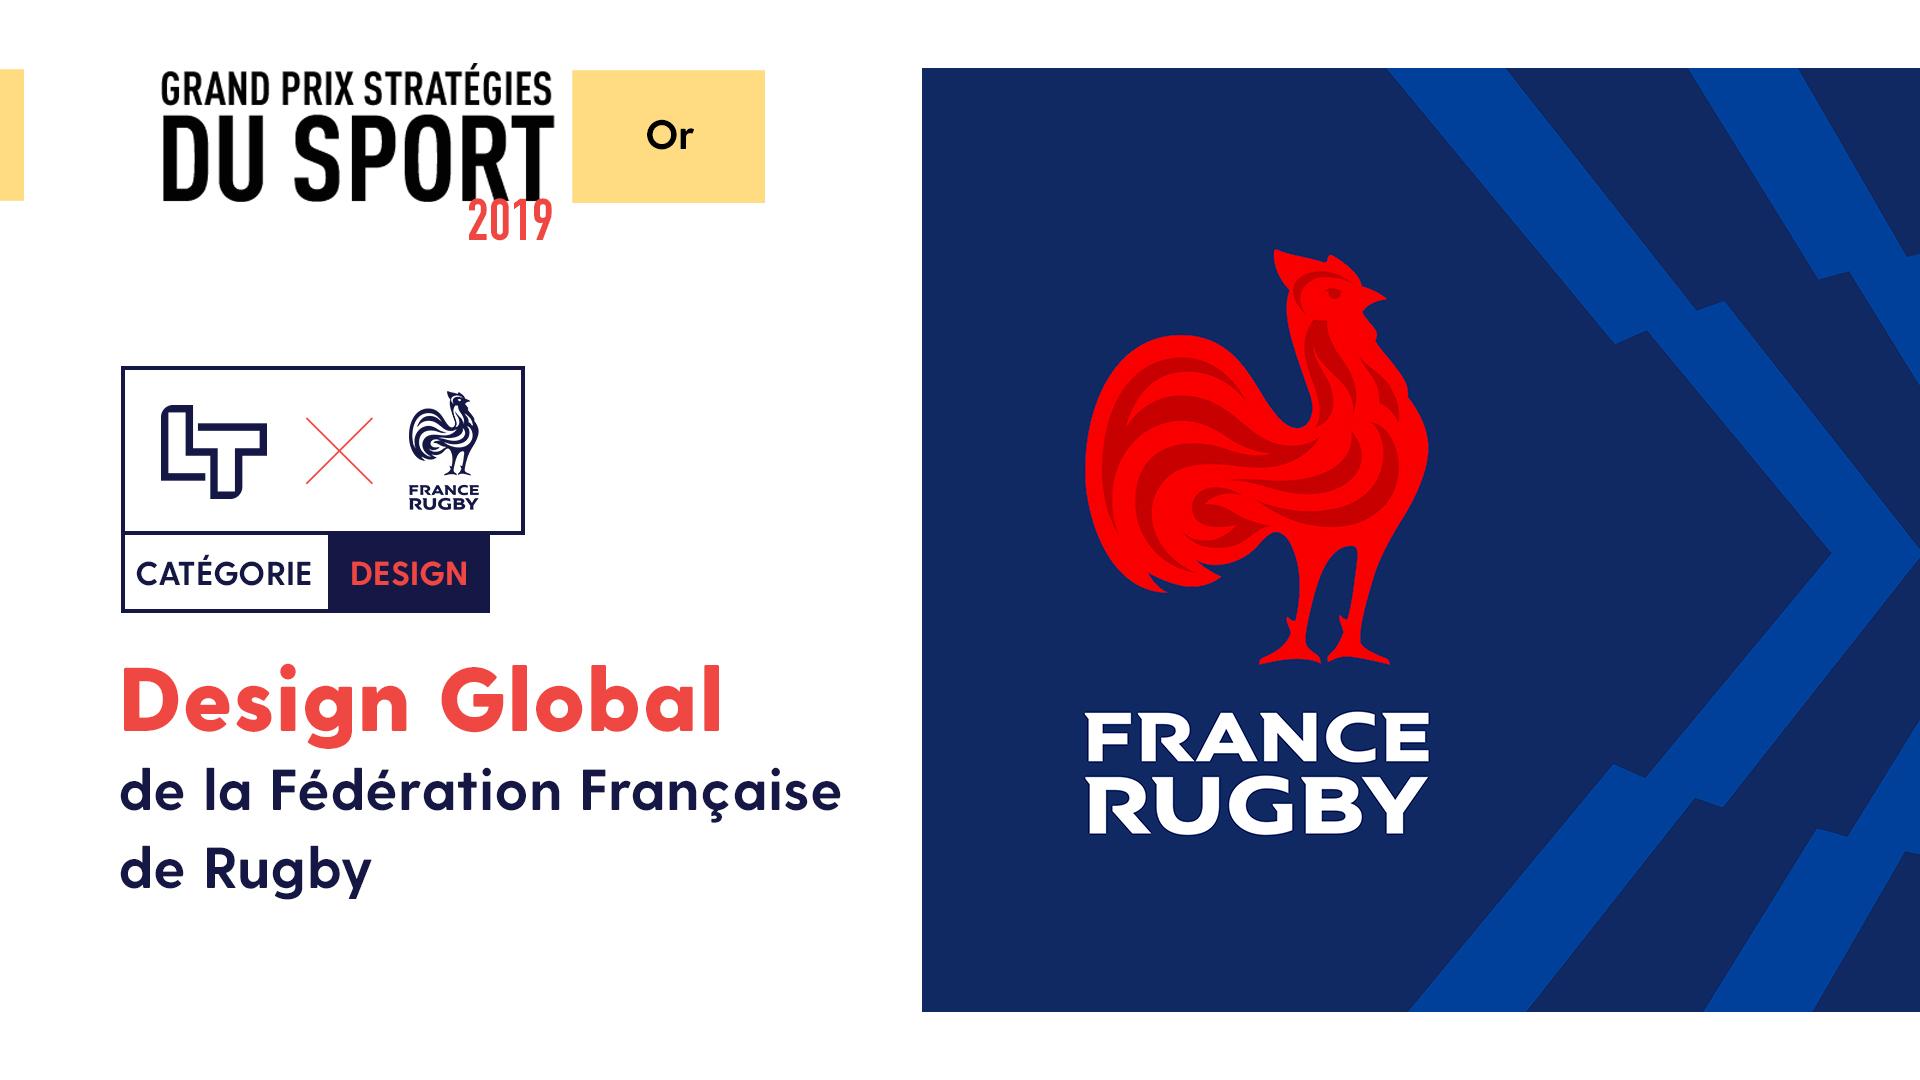 News_actualite_LAFOURMI_LEROY_TREMBLOT_deux_nouveaux_prix_Grand_Prix_Strategies_du_Sport_2019_FFR